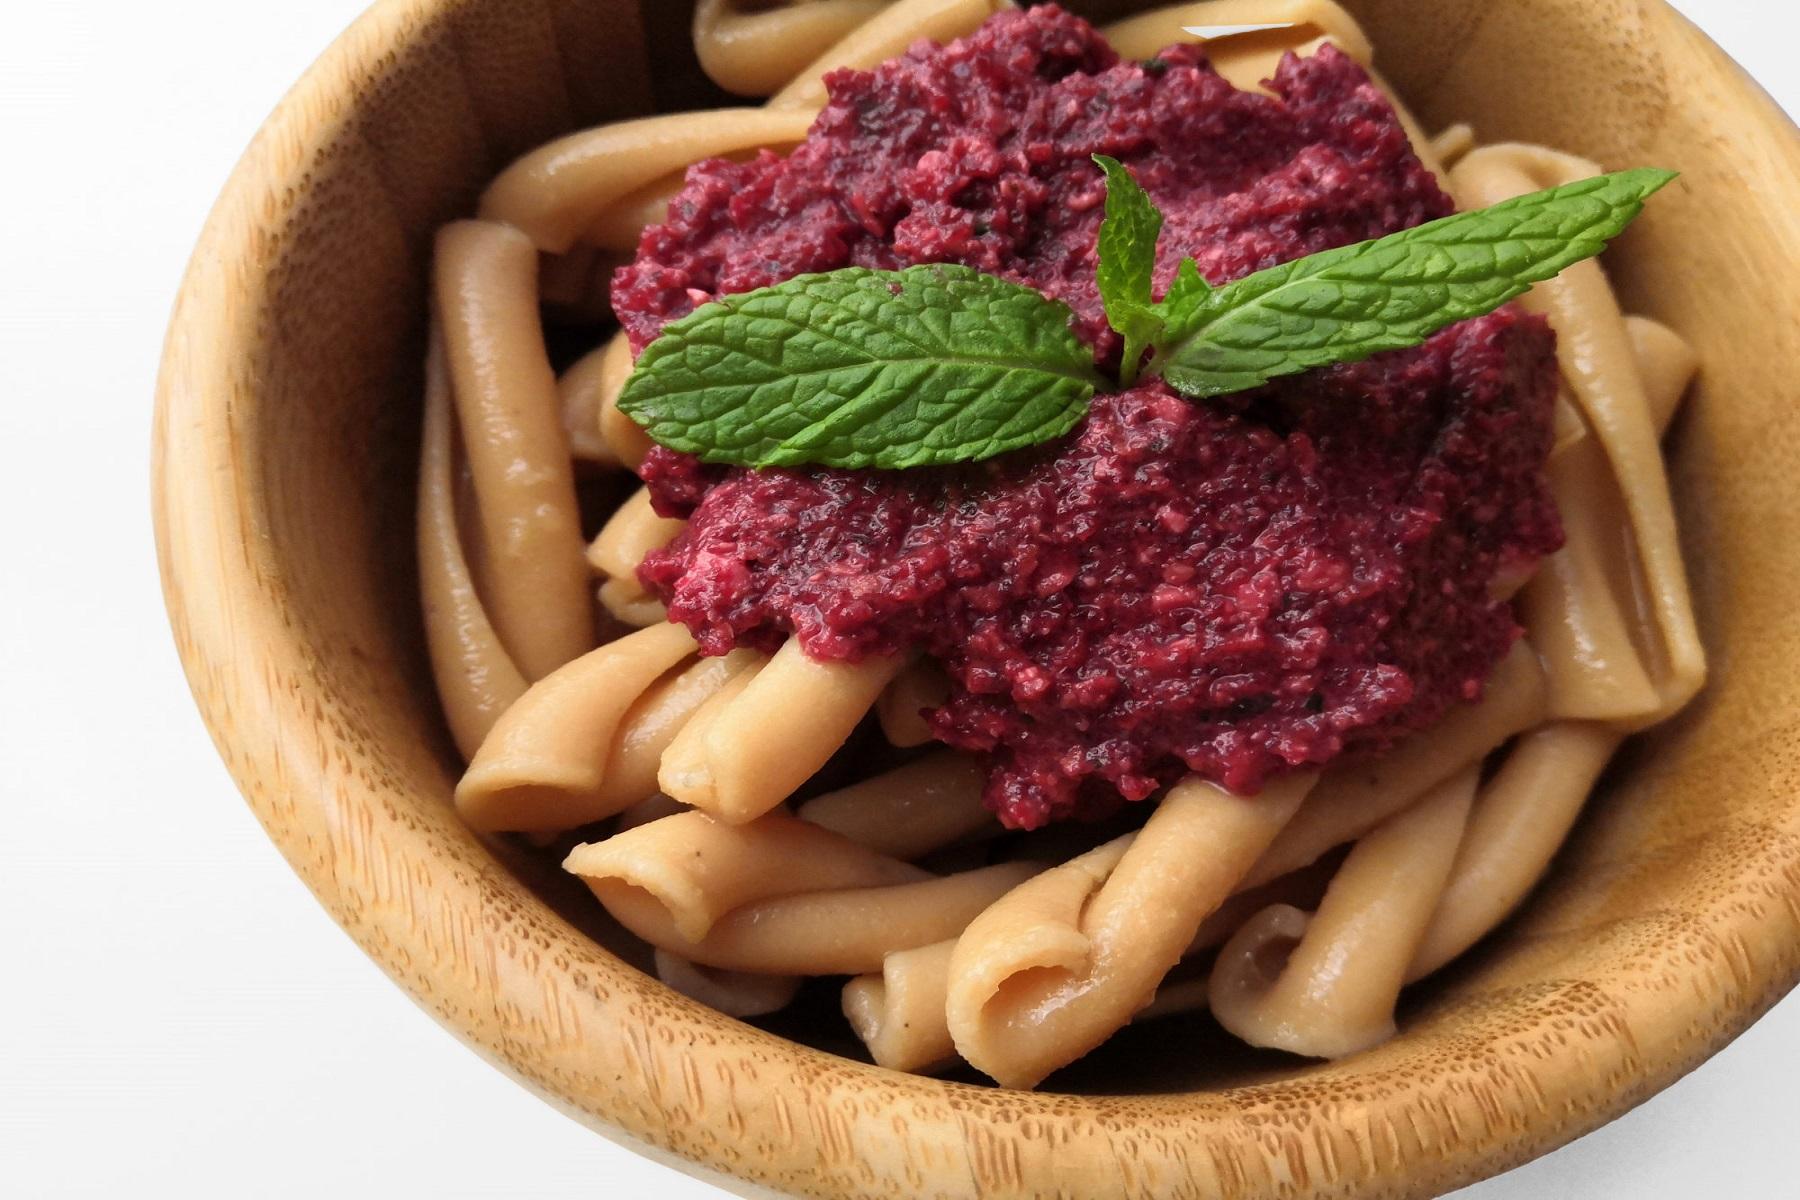 Πολύχρωμη Συνταγή: Σαλάτα με πέννες, πέστο παντζάρι και φέτα